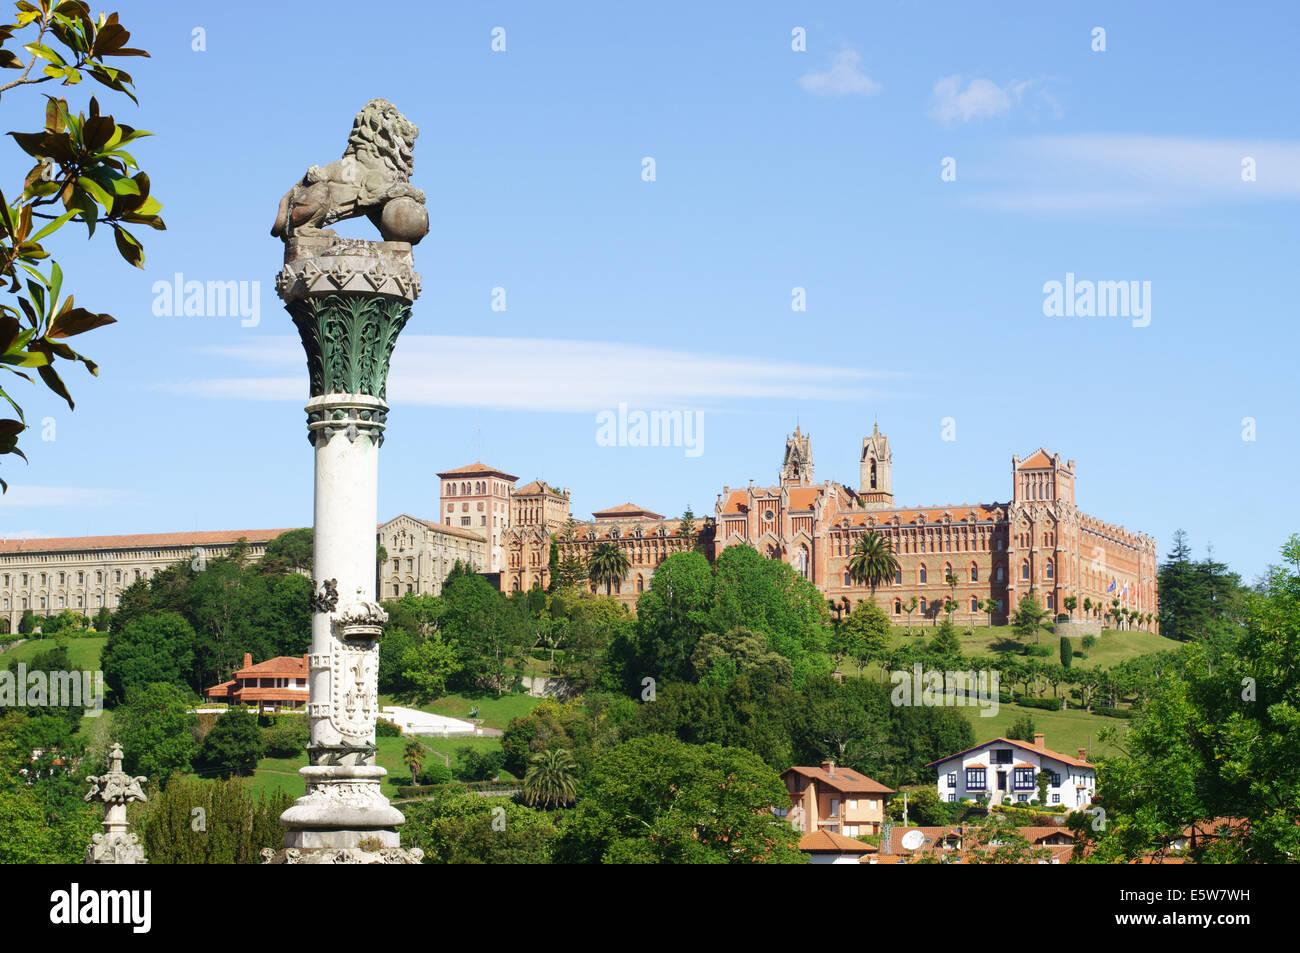 The Universidad Pontificia seen from El Palacio de Sobrellano, Comillas,  Cantabria, Northern Spain, Europe - Stock Image